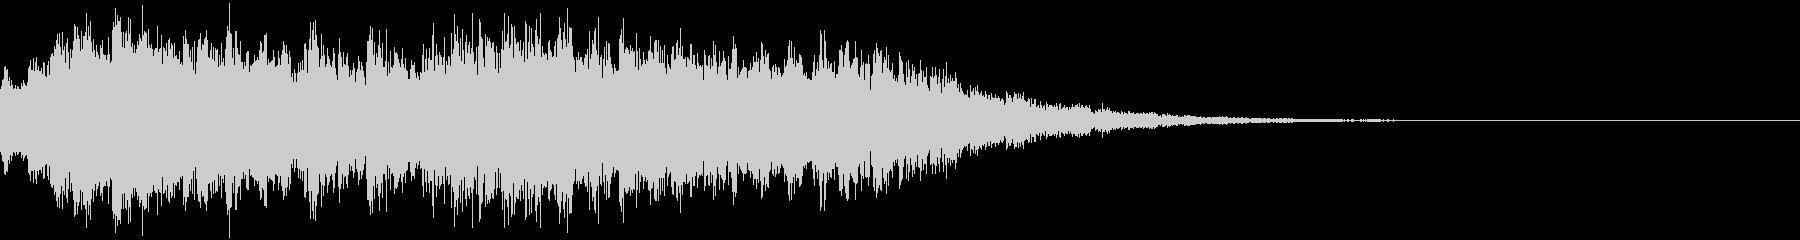 透明感のあるEDMジングル5の未再生の波形